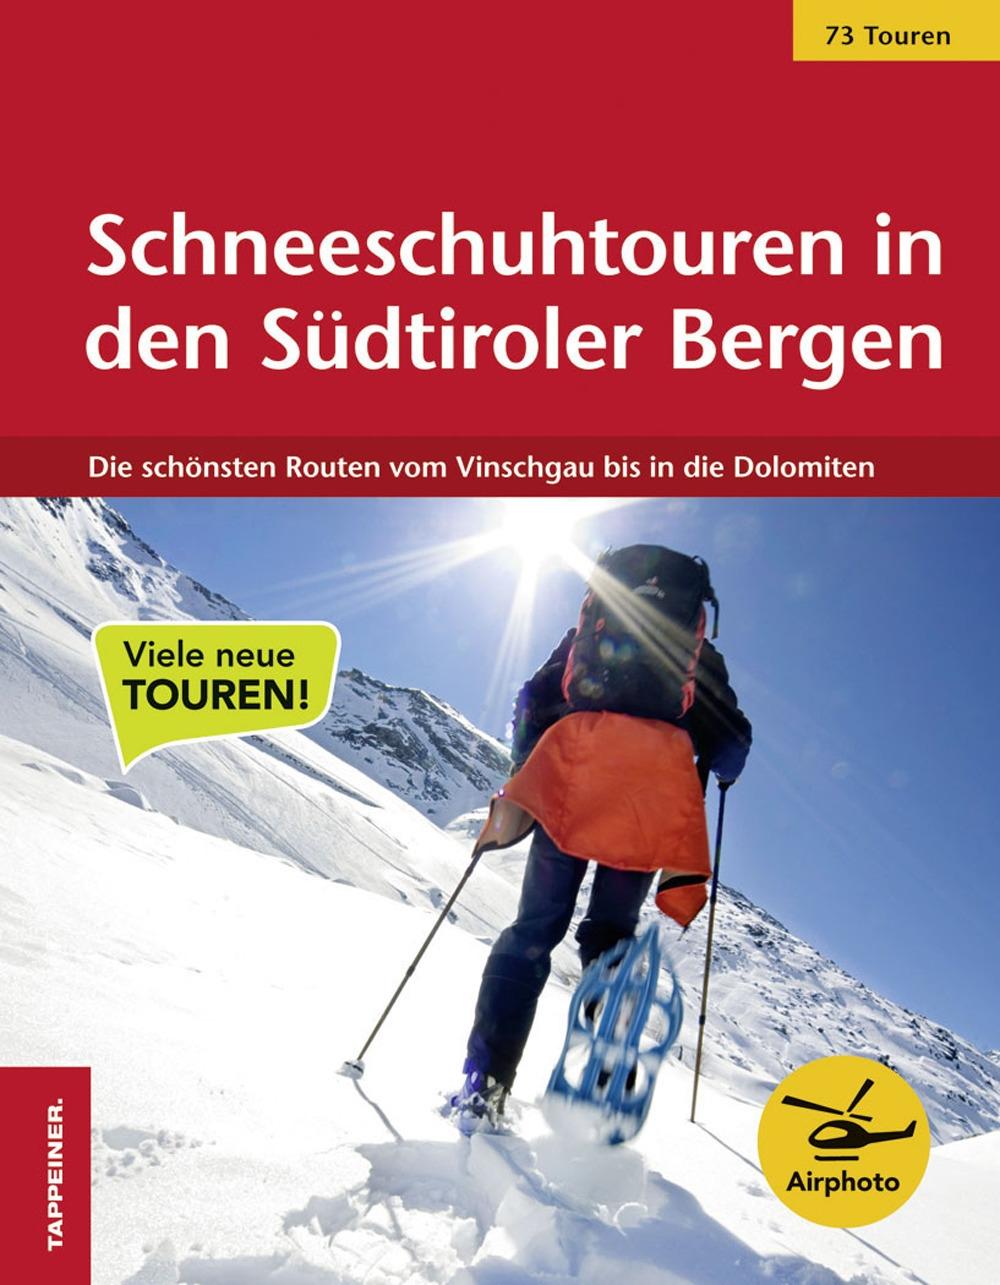 Schneeschuhtouren in den Südtiroler Bergen. Die schönsten Routen vom Vinschgau bis in die Dolomiten.